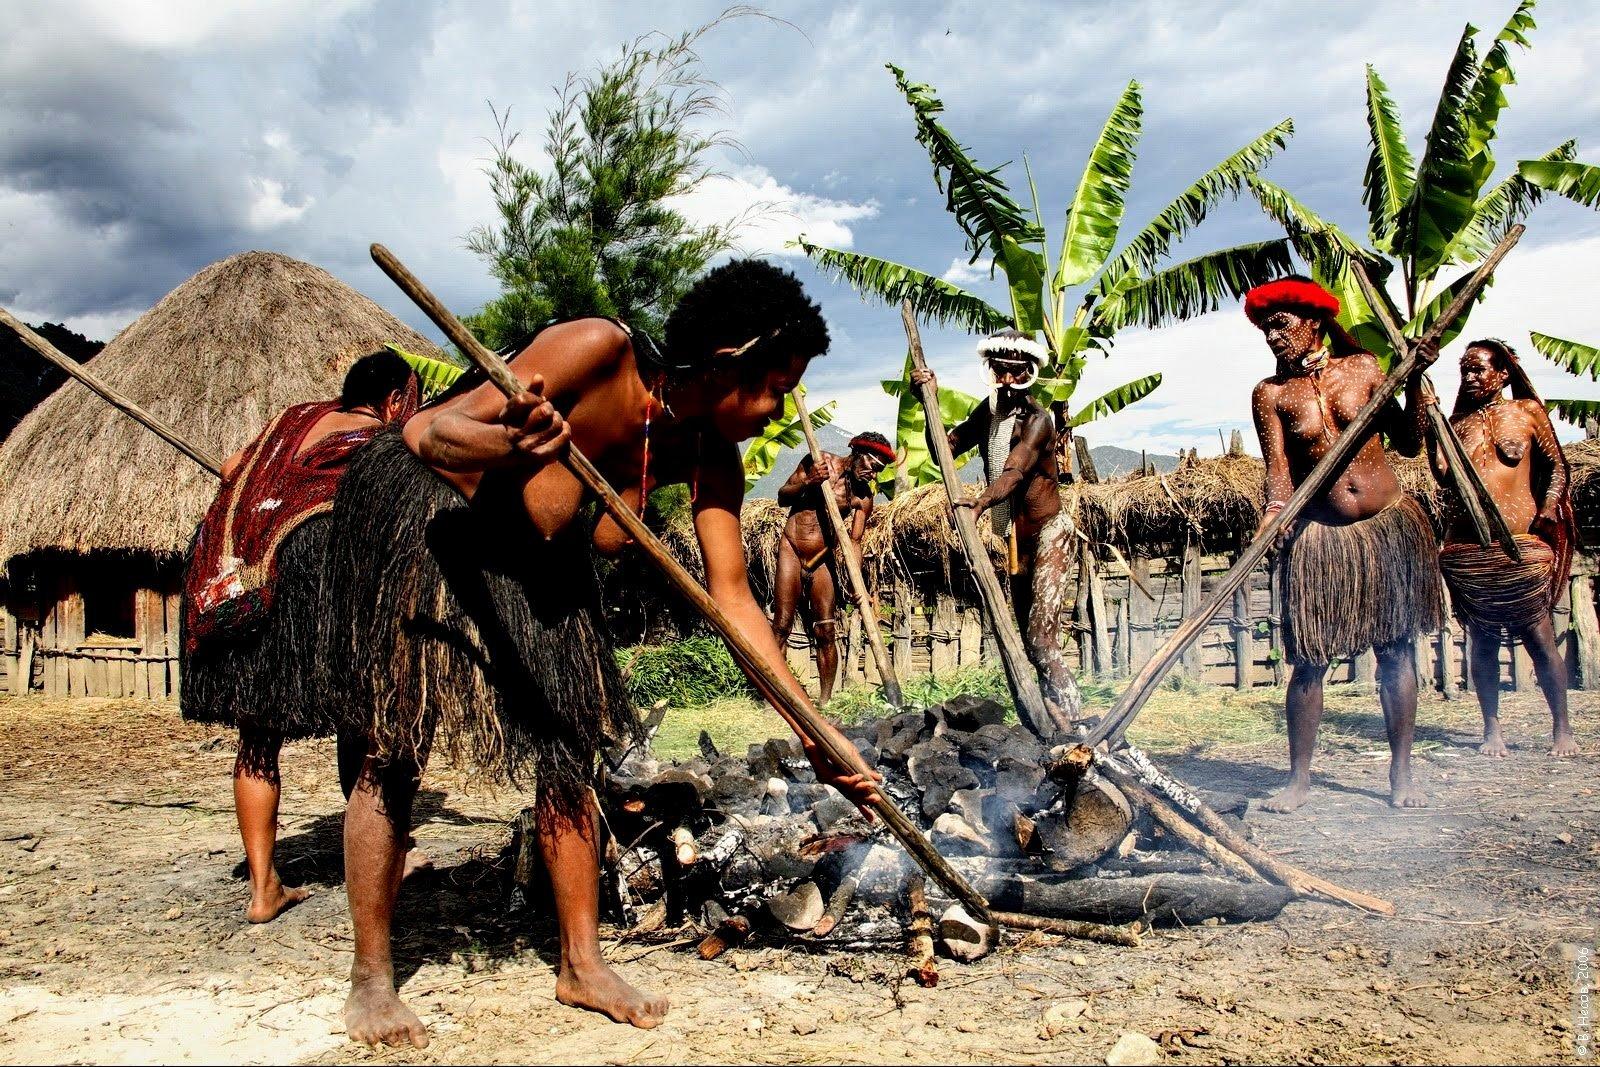 Putovanje Indonezija - Papua - Festival i treking u dolini Baliem (1)